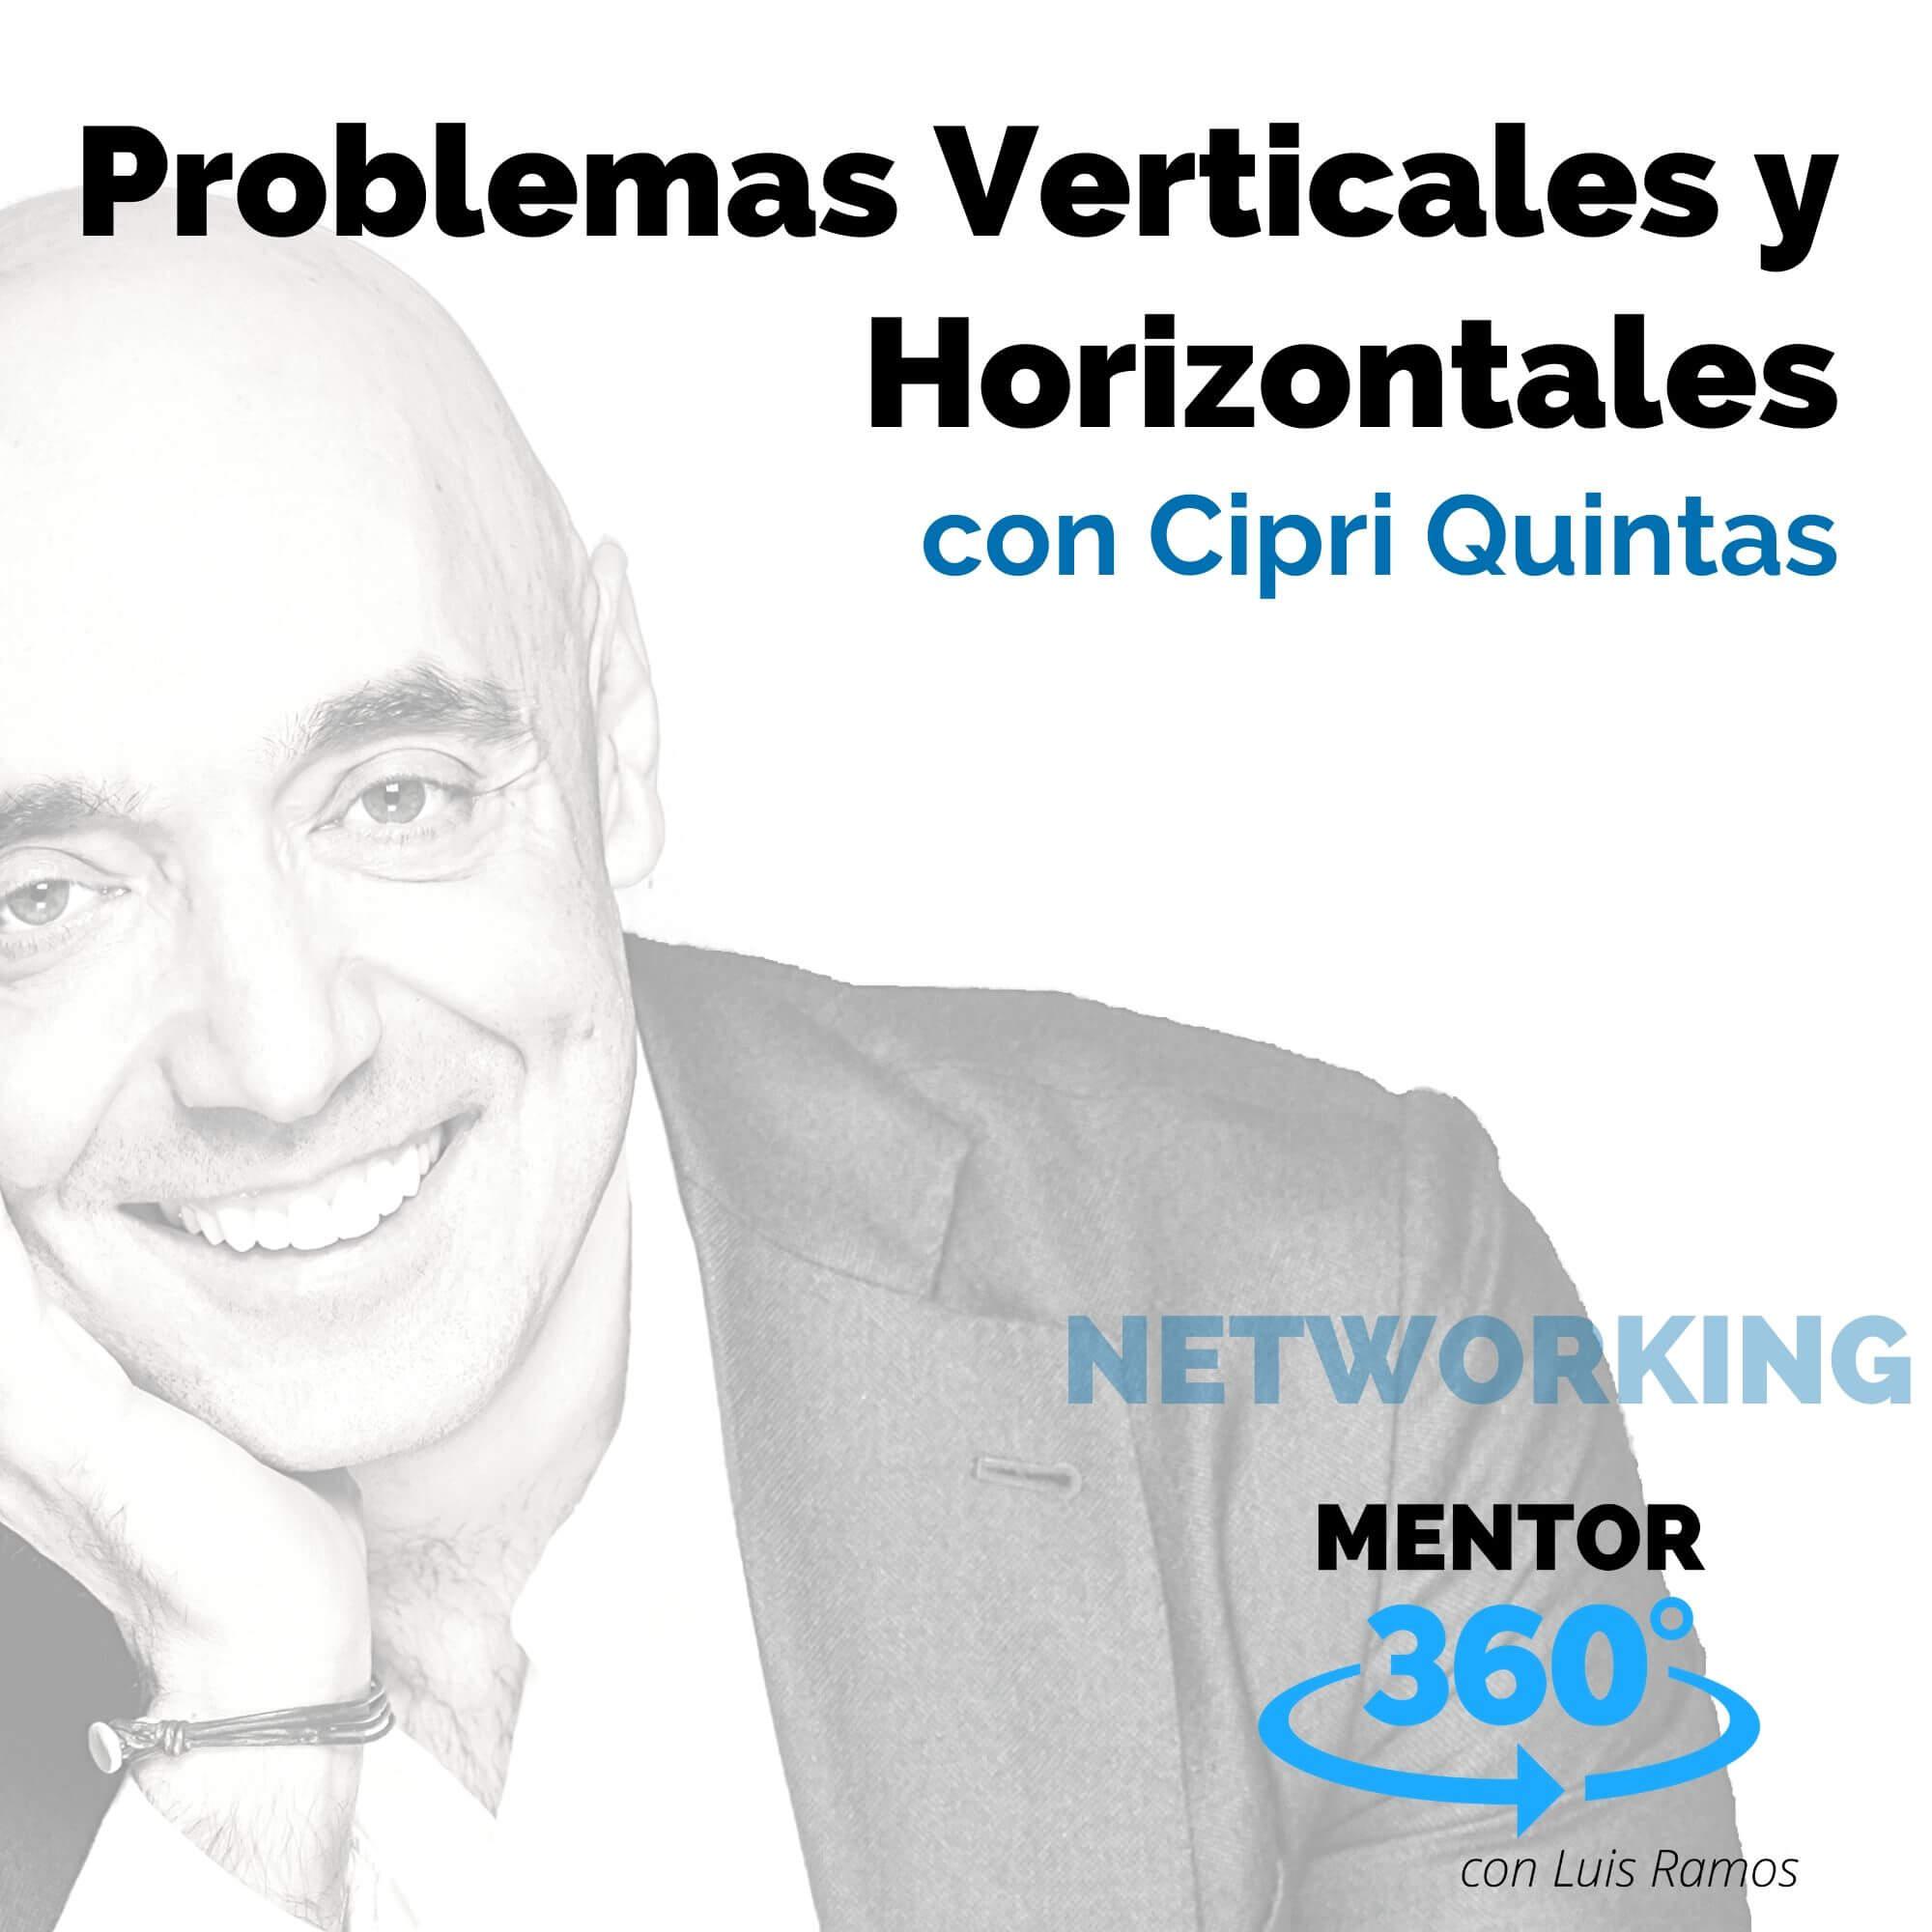 Problemas Verticales y Horizontales, con Cipri Quintas - NETWORKING